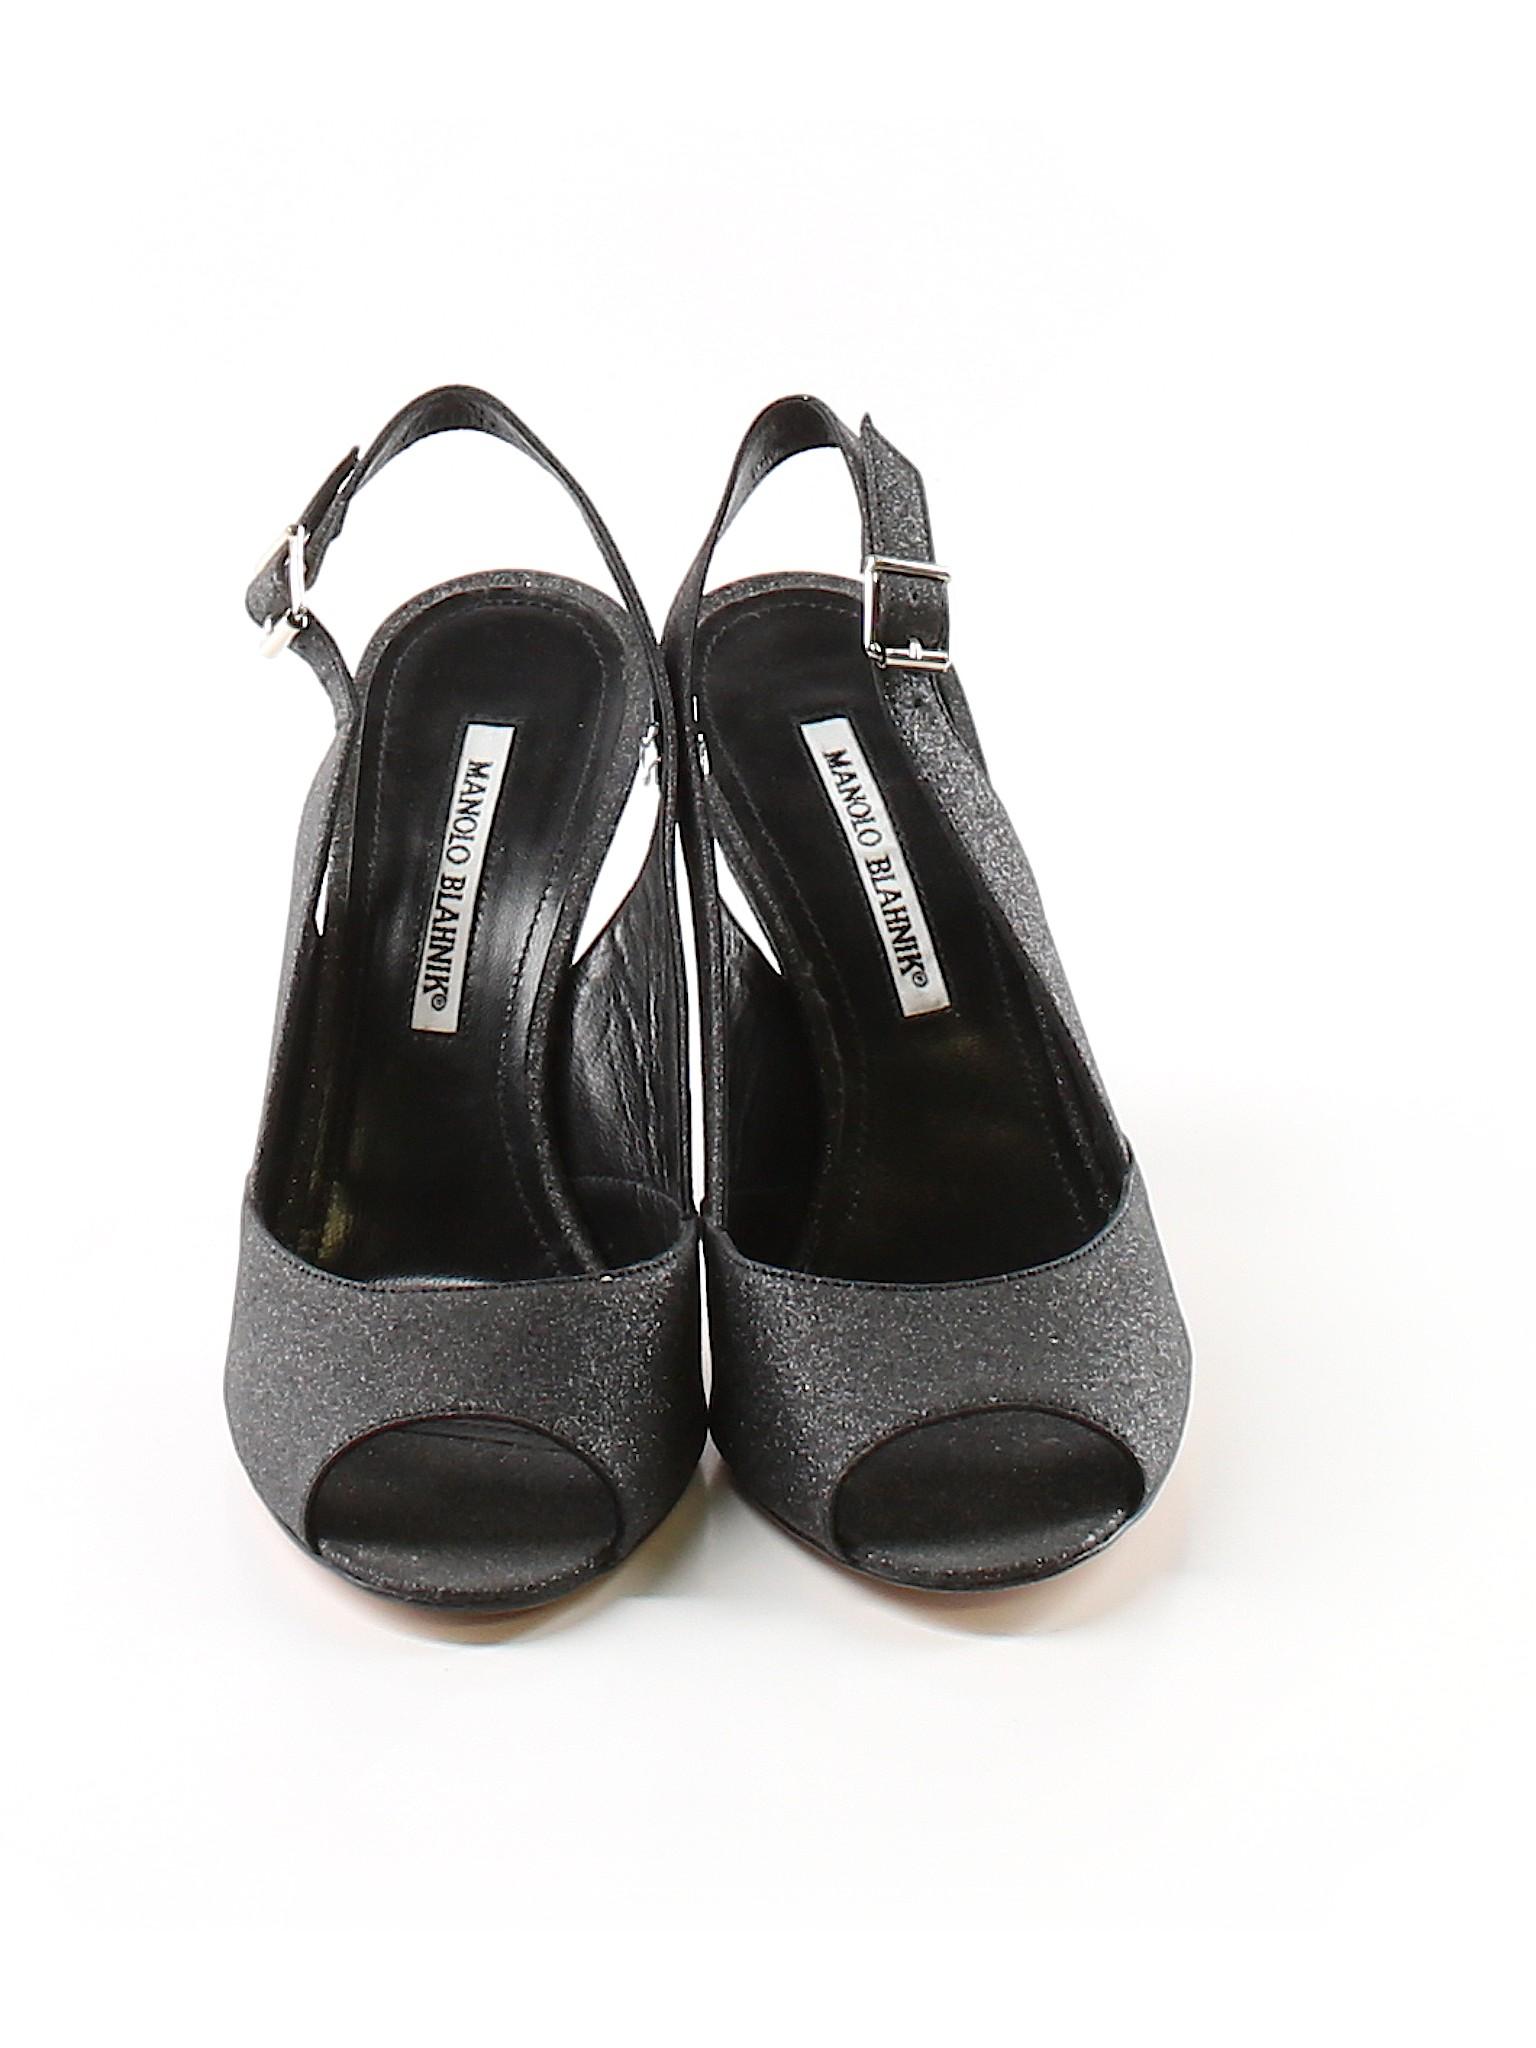 Blahnik promotion promotion Manolo Boutique Blahnik Heels Manolo Heels Boutique Boutique gdOIq